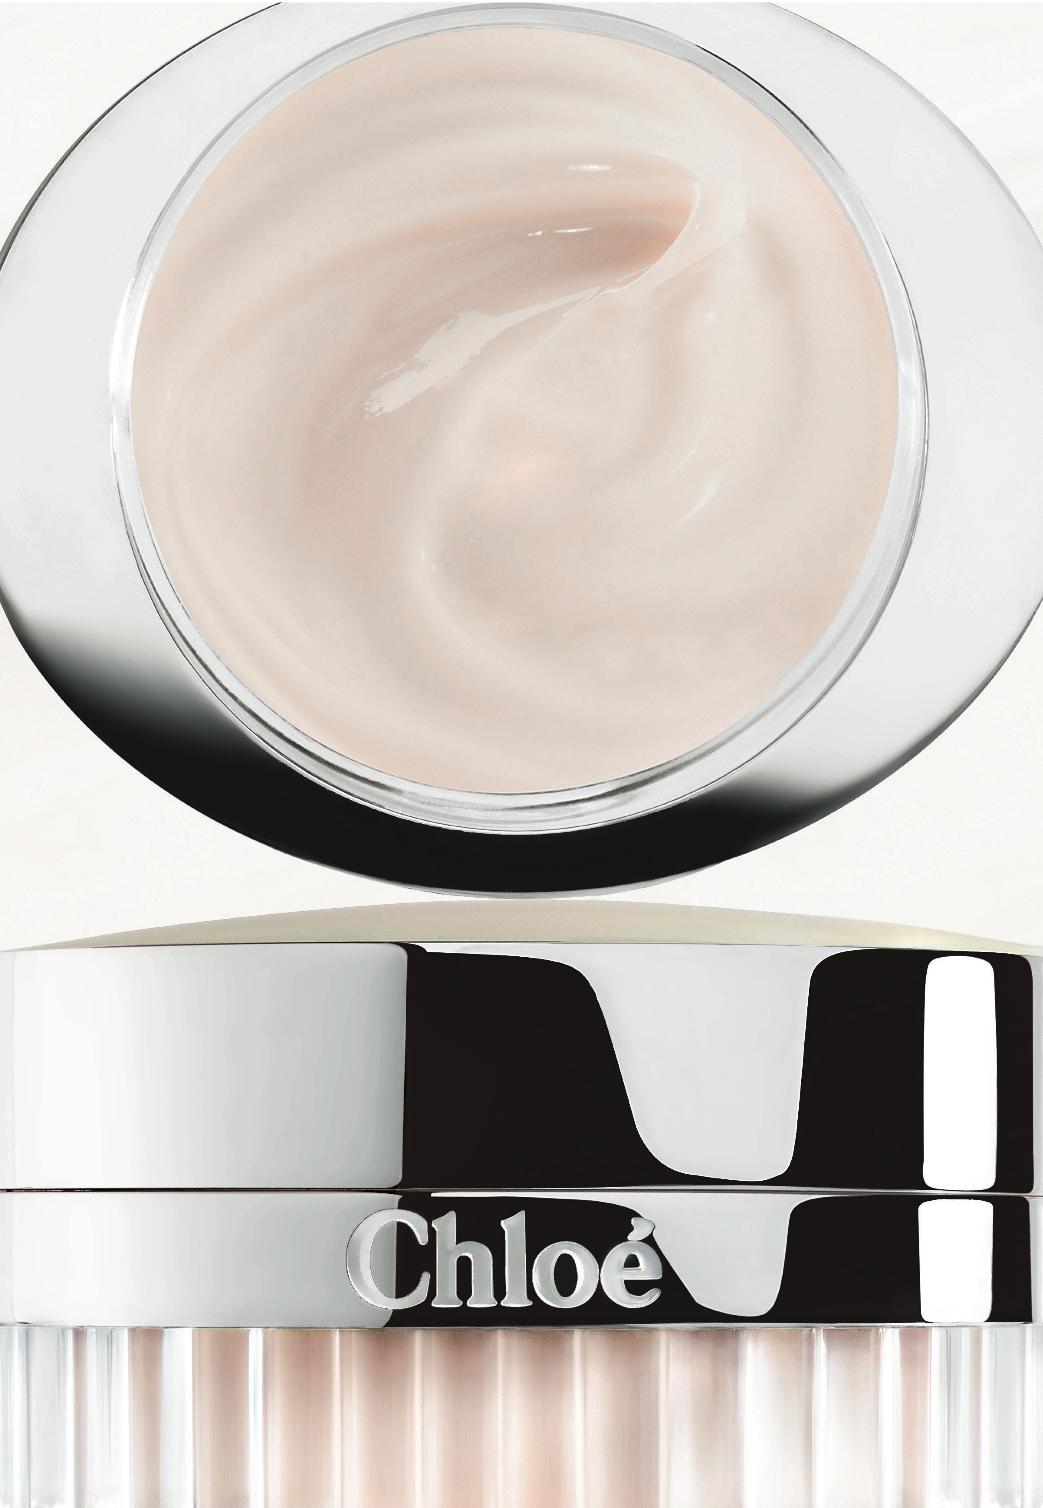 Chloé visuel crème Asie, Omedia.